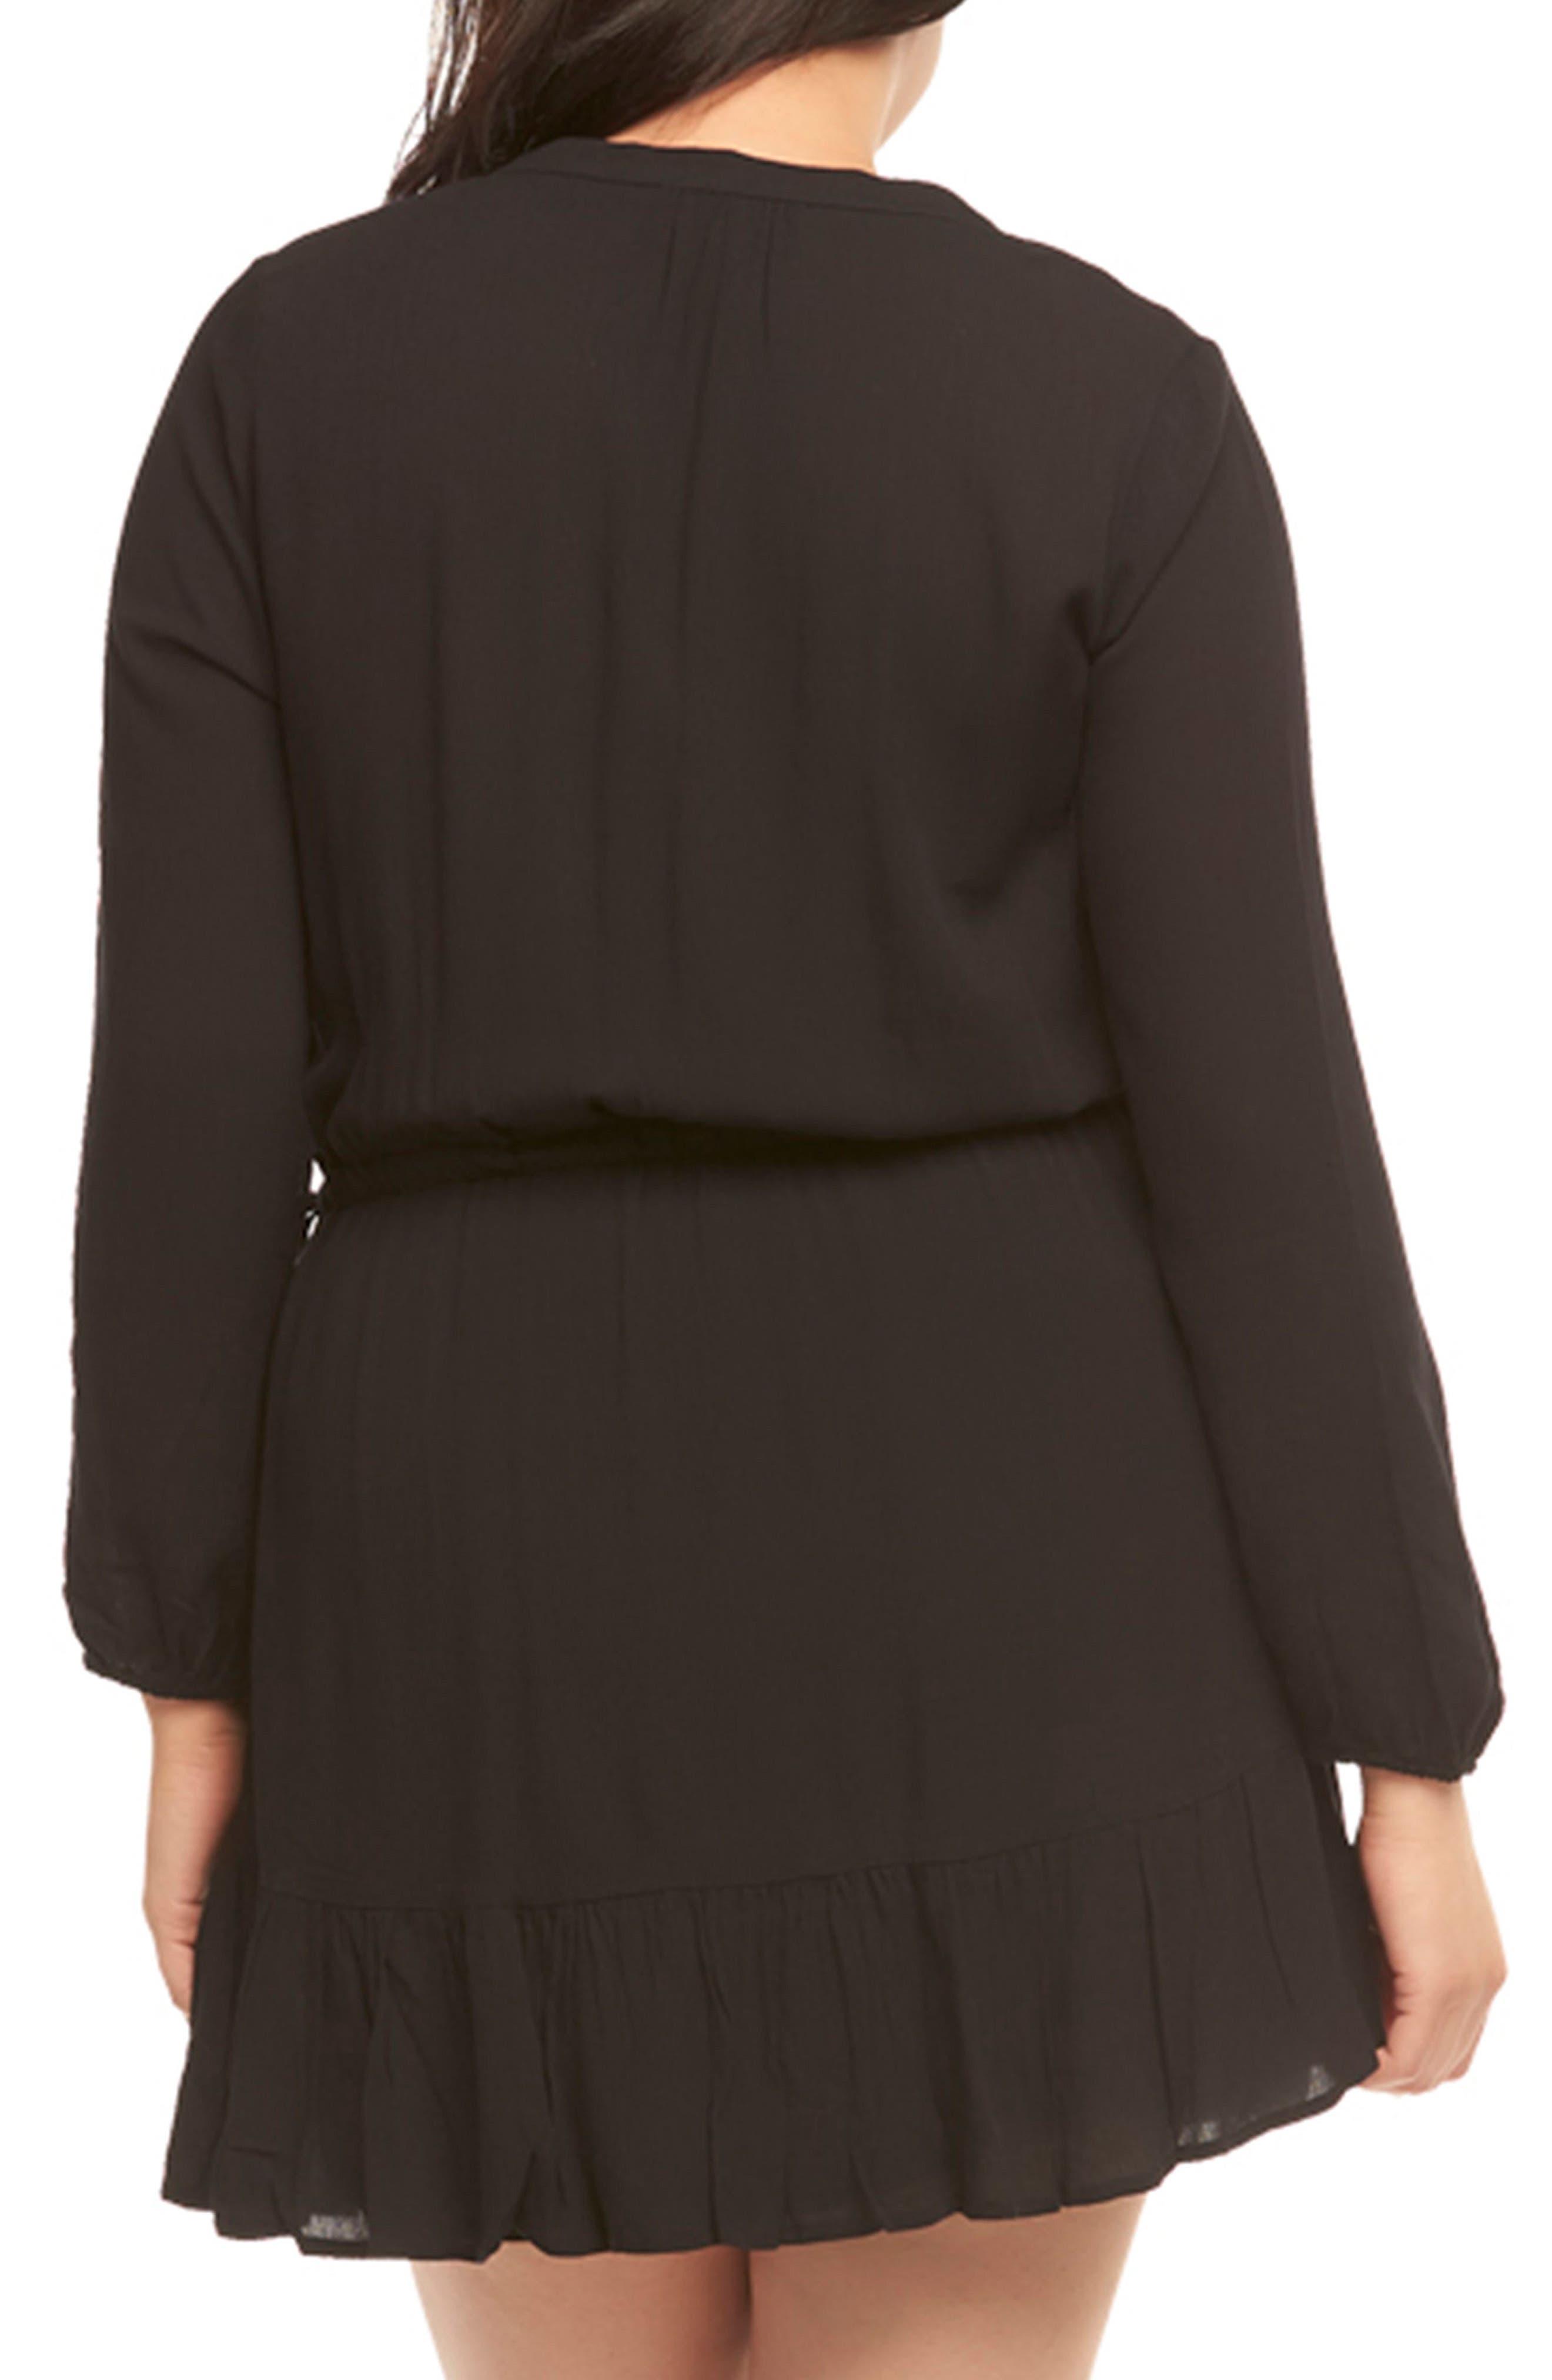 Alternate Image 2  - Tart Sian Shirtdress (Plus Size)